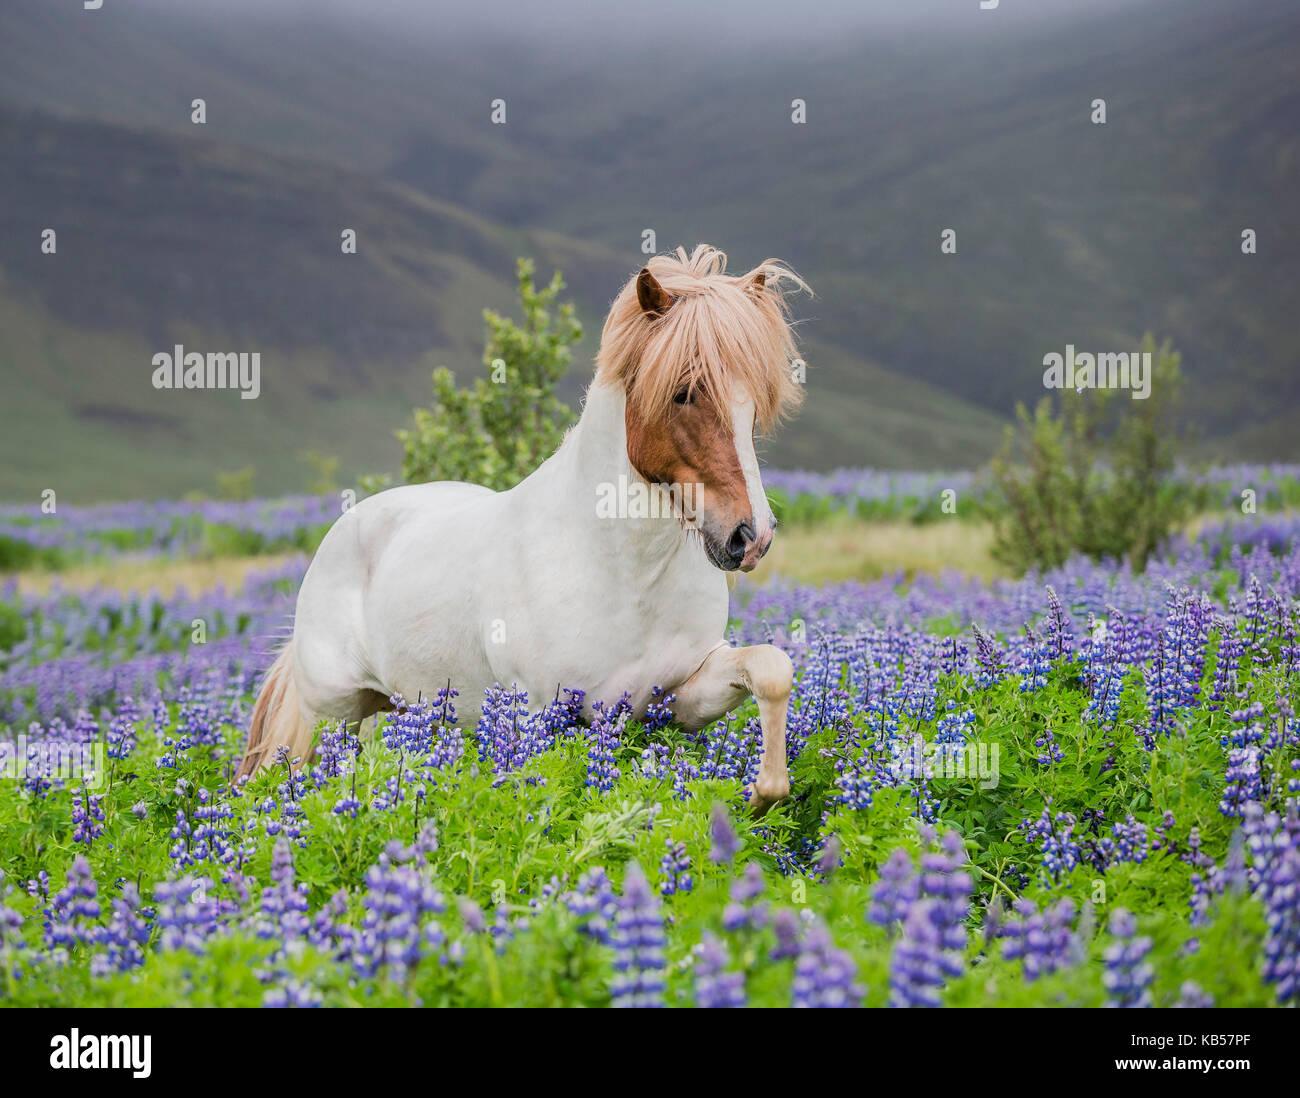 Islandpferd in Lupin Felder, reinrassige Islandpferd im Sommer mit blühenden Lupinen, Island, Stockbild